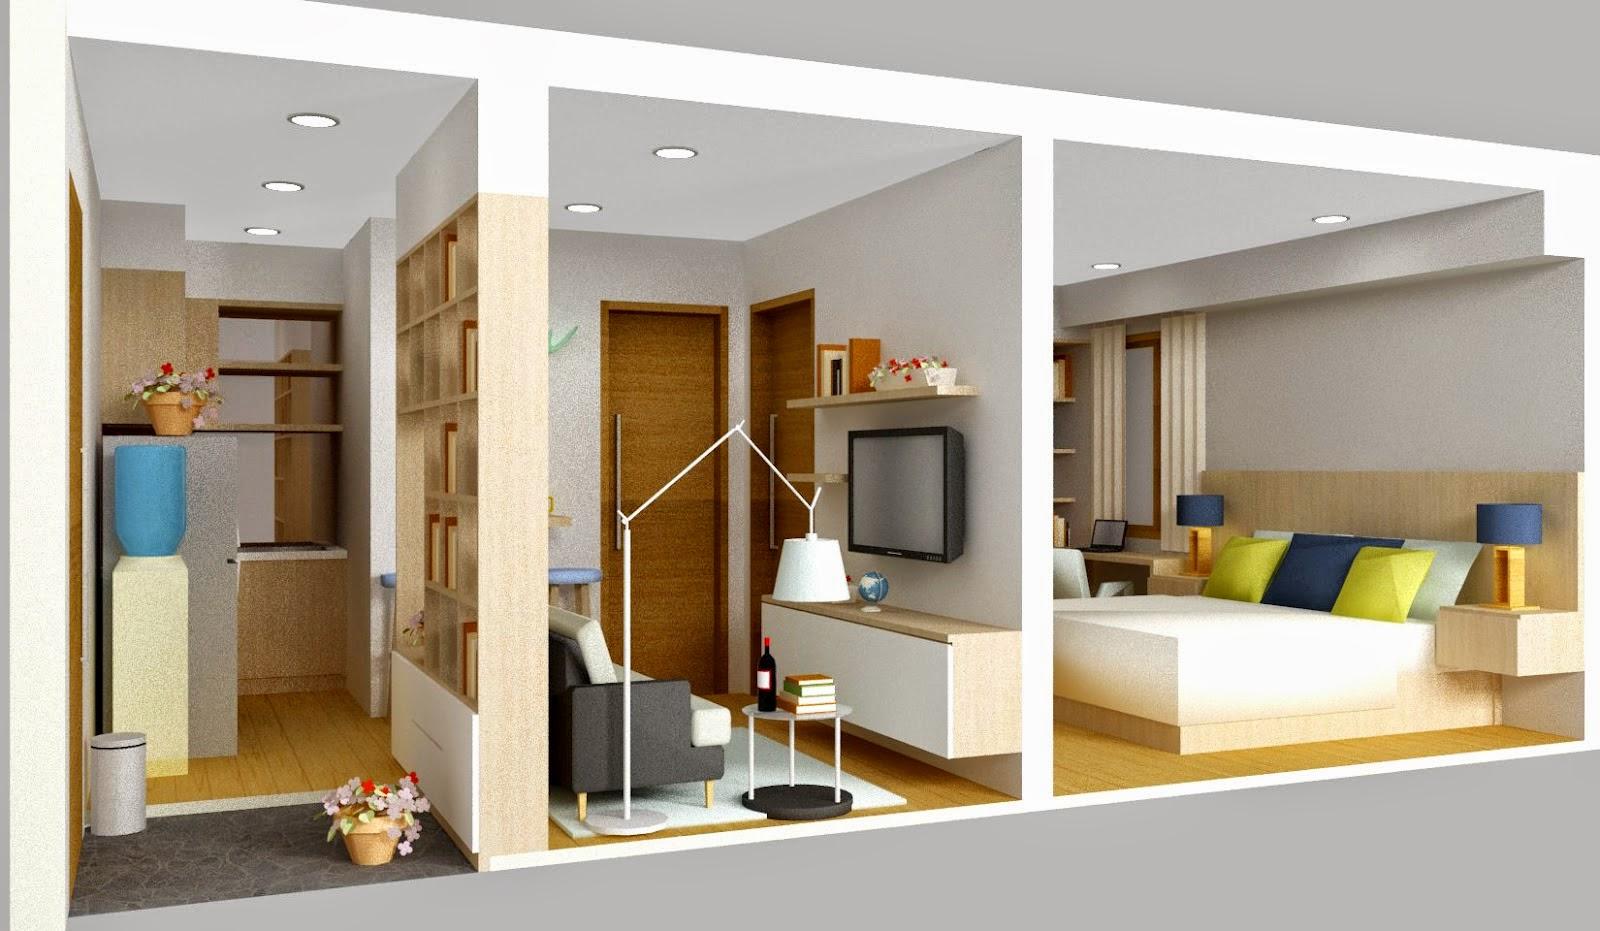 108 Denah Rumah Minimalis Korea Gambar Desain Rumah Minimalis